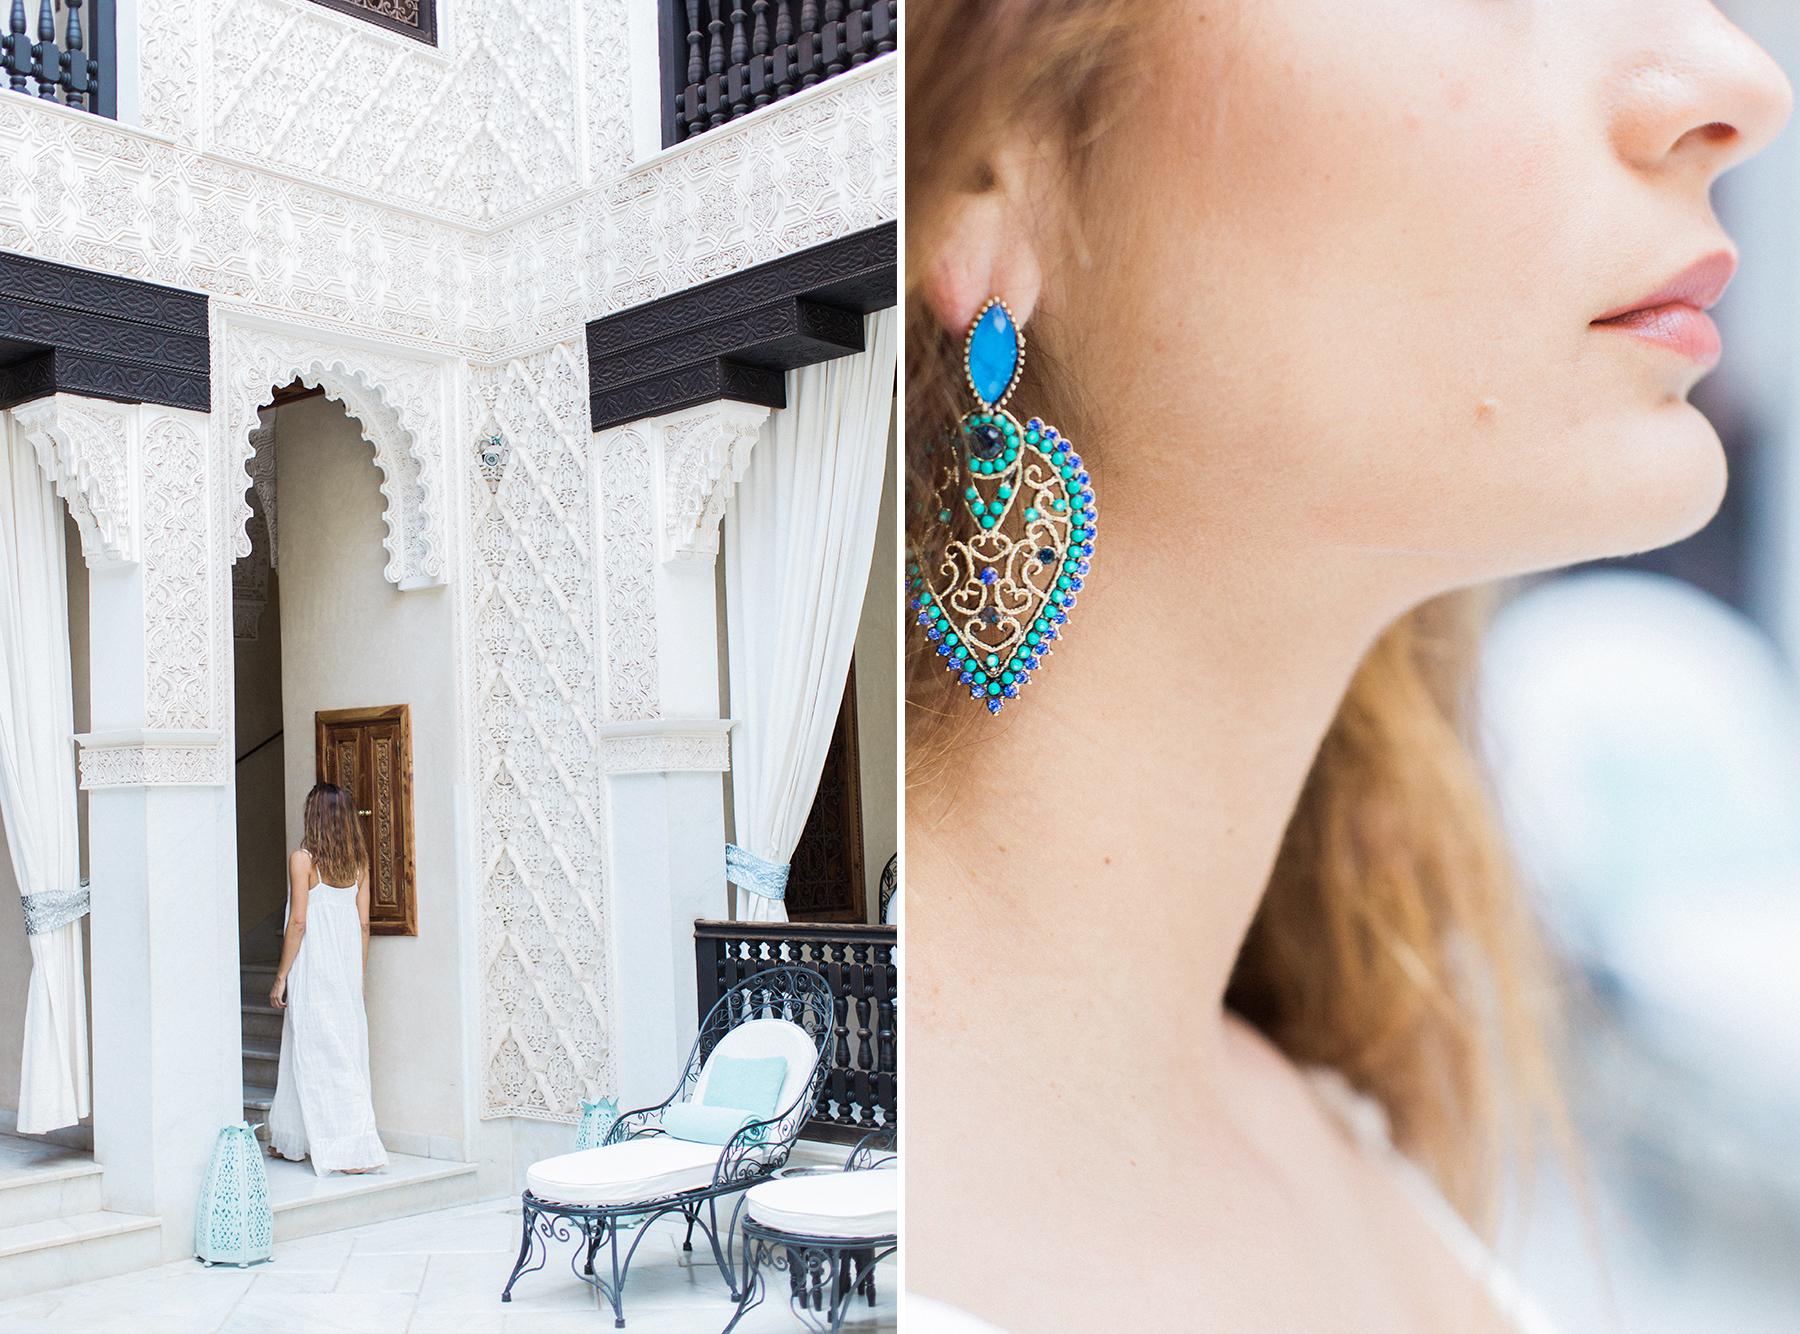 La_Sultana_Marrakech_2.jpg